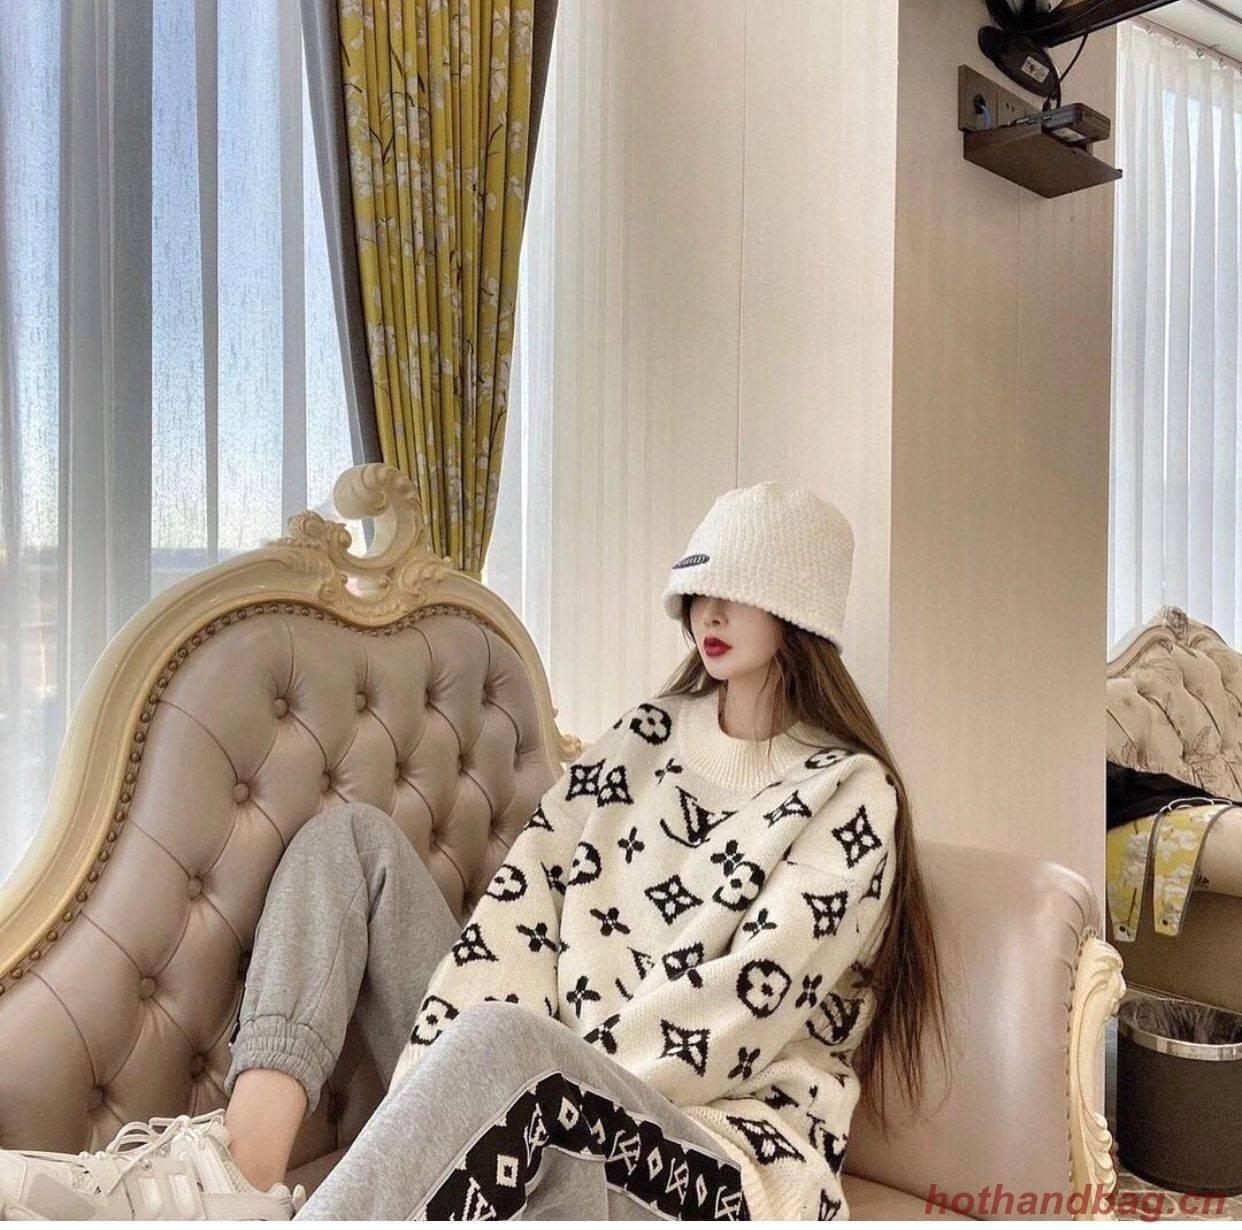 Louis Vuitton Top Quality Fashion Cloth A9018